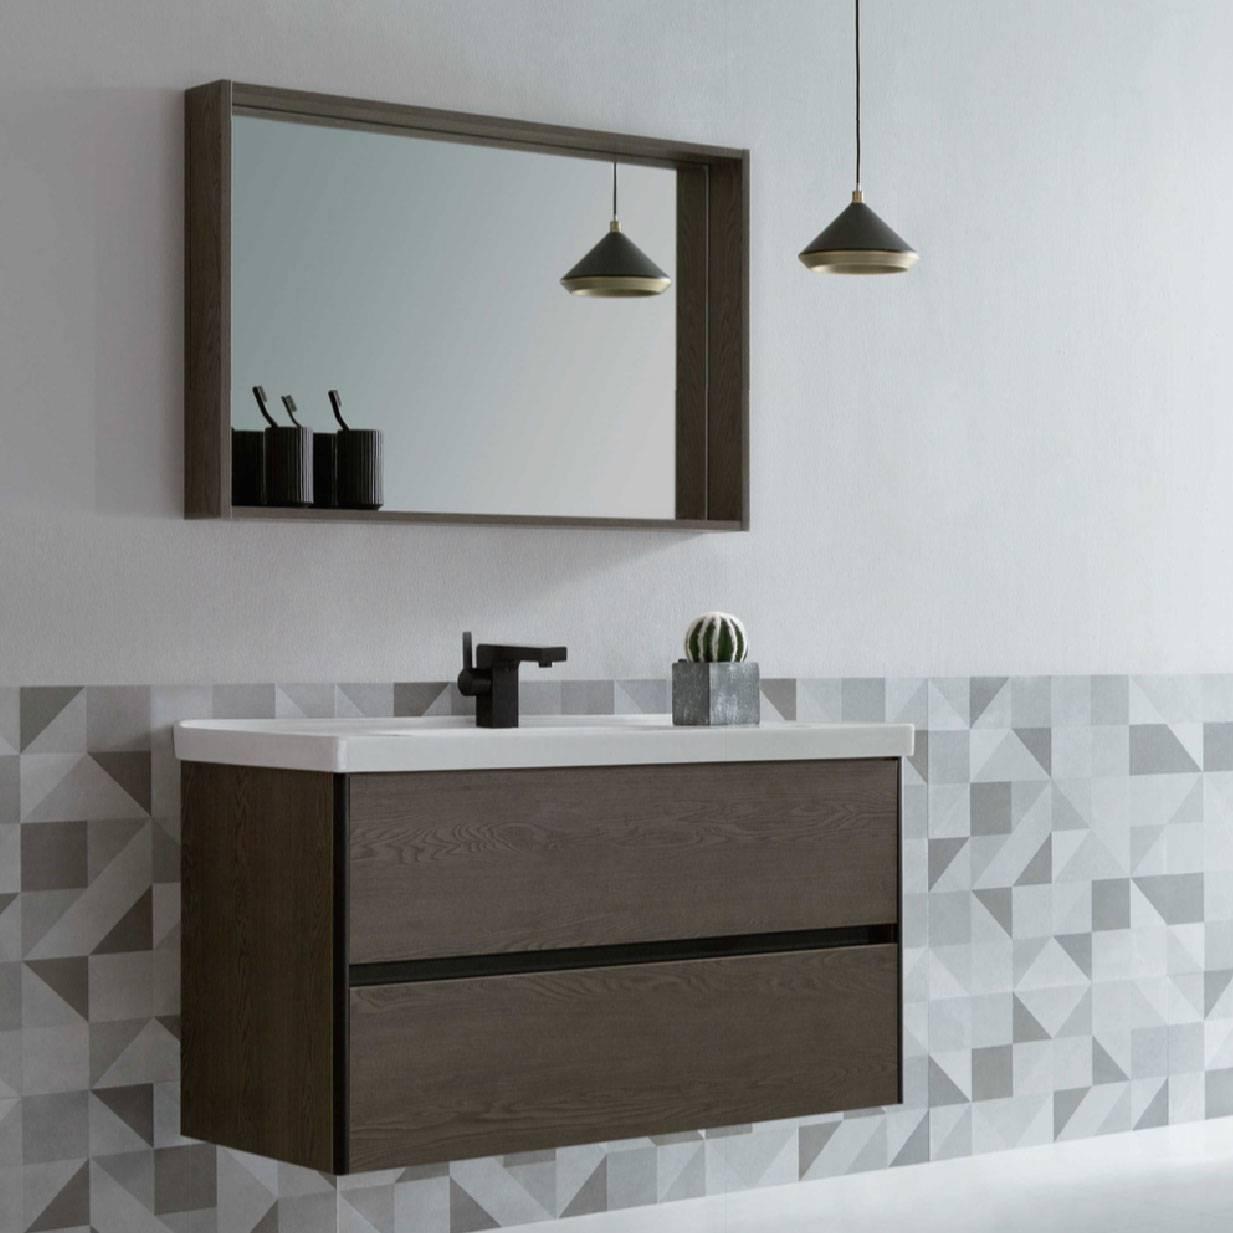 2020浴室柜senna赛娜 PY015系列